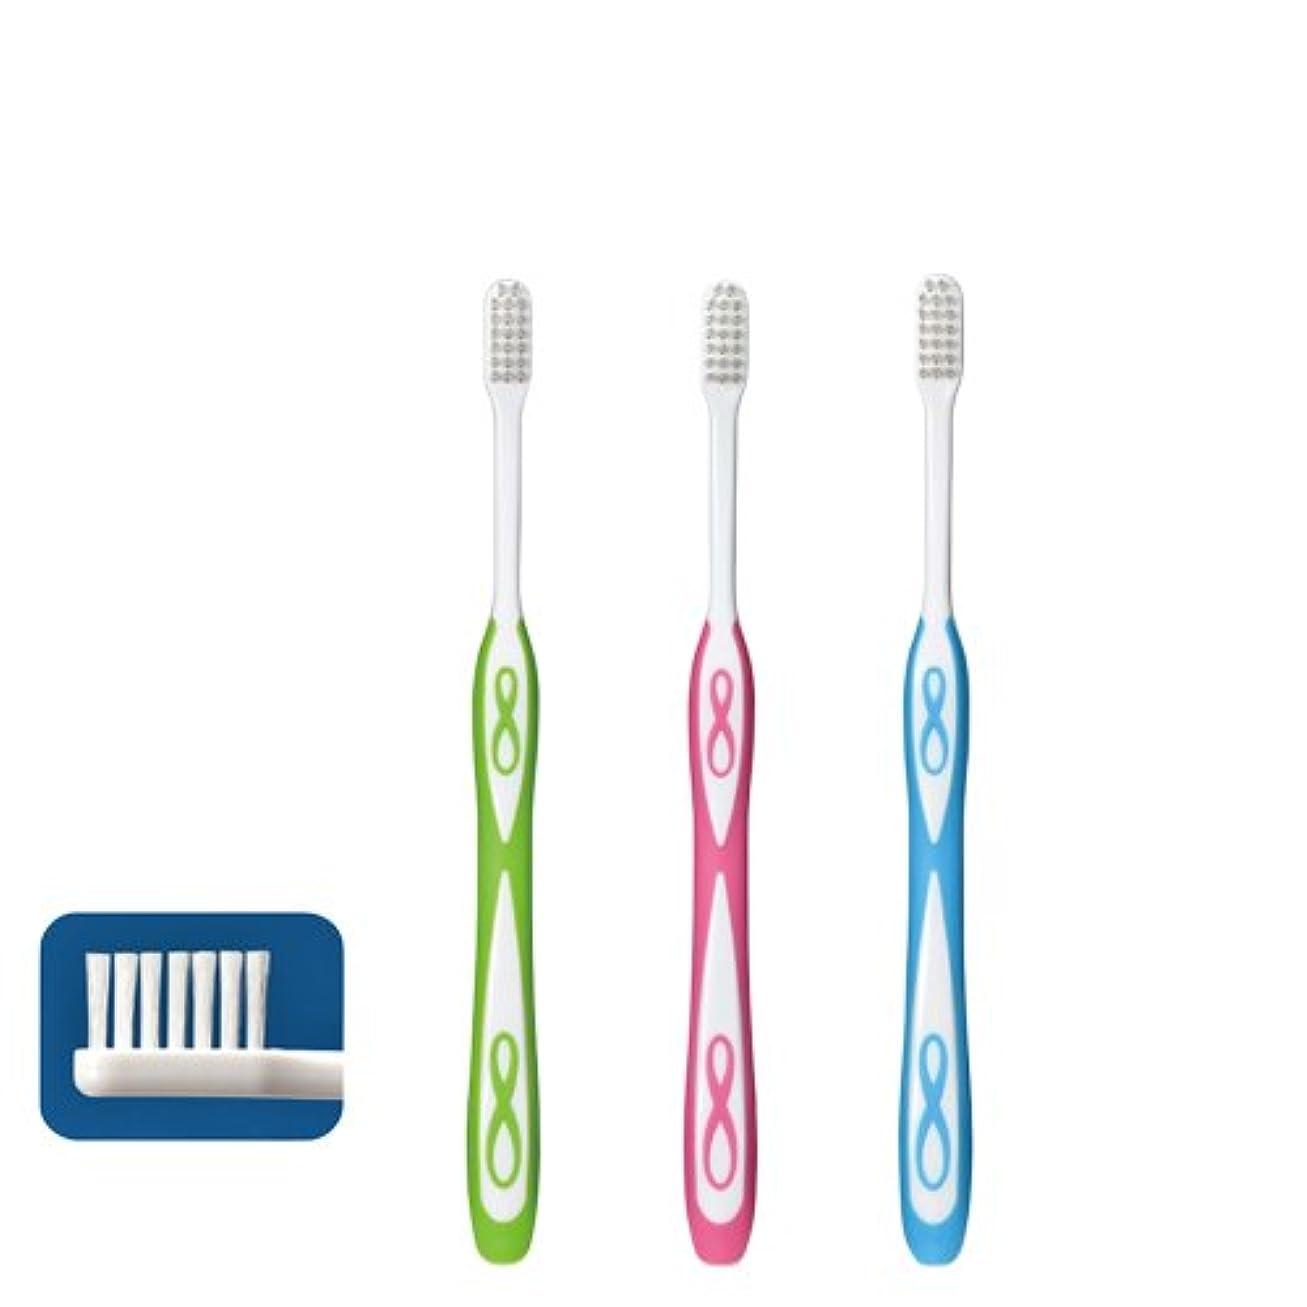 キャリッジコースラメLover8 ラバーエイト ラウンド毛歯ブラシ × 1本 M(ふつう)Ciメディカル 【歯科専売品】